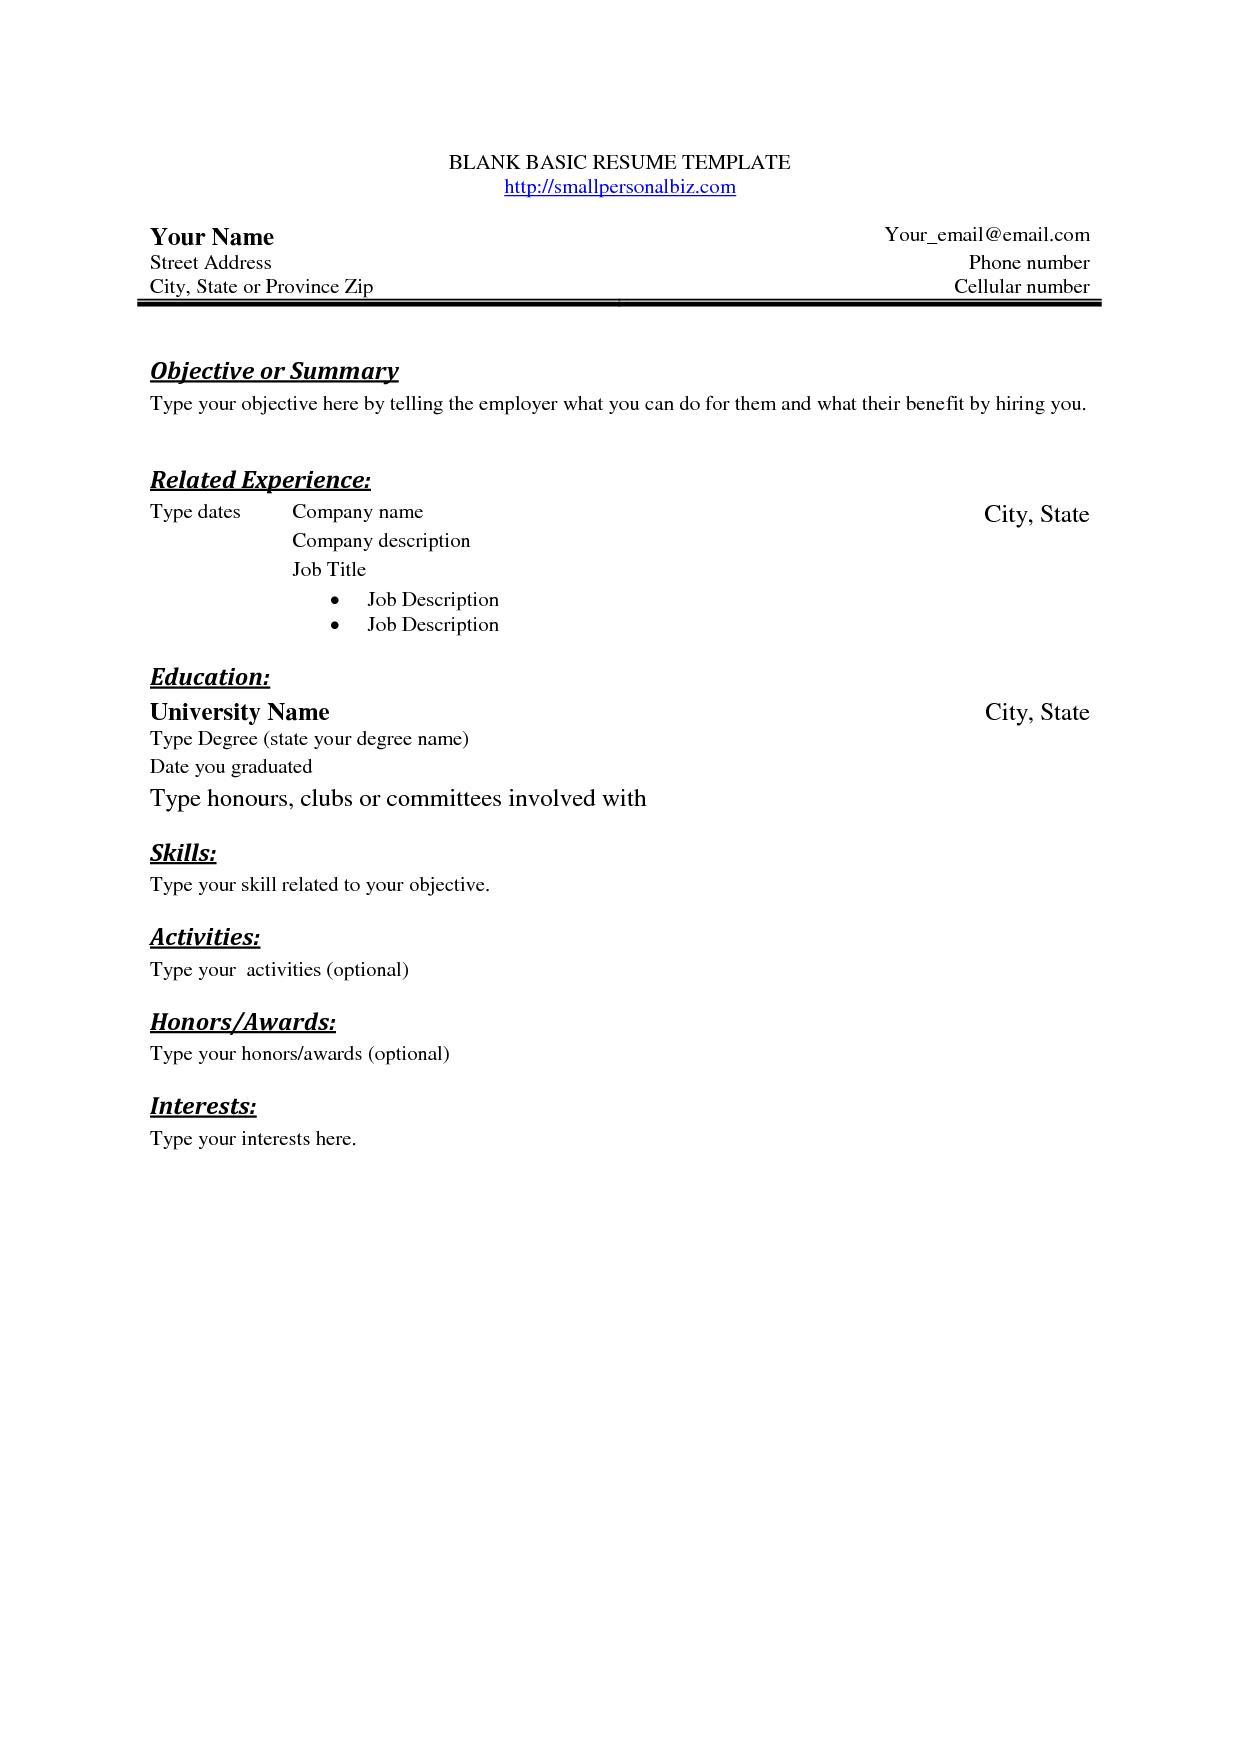 Blank Sample Resume